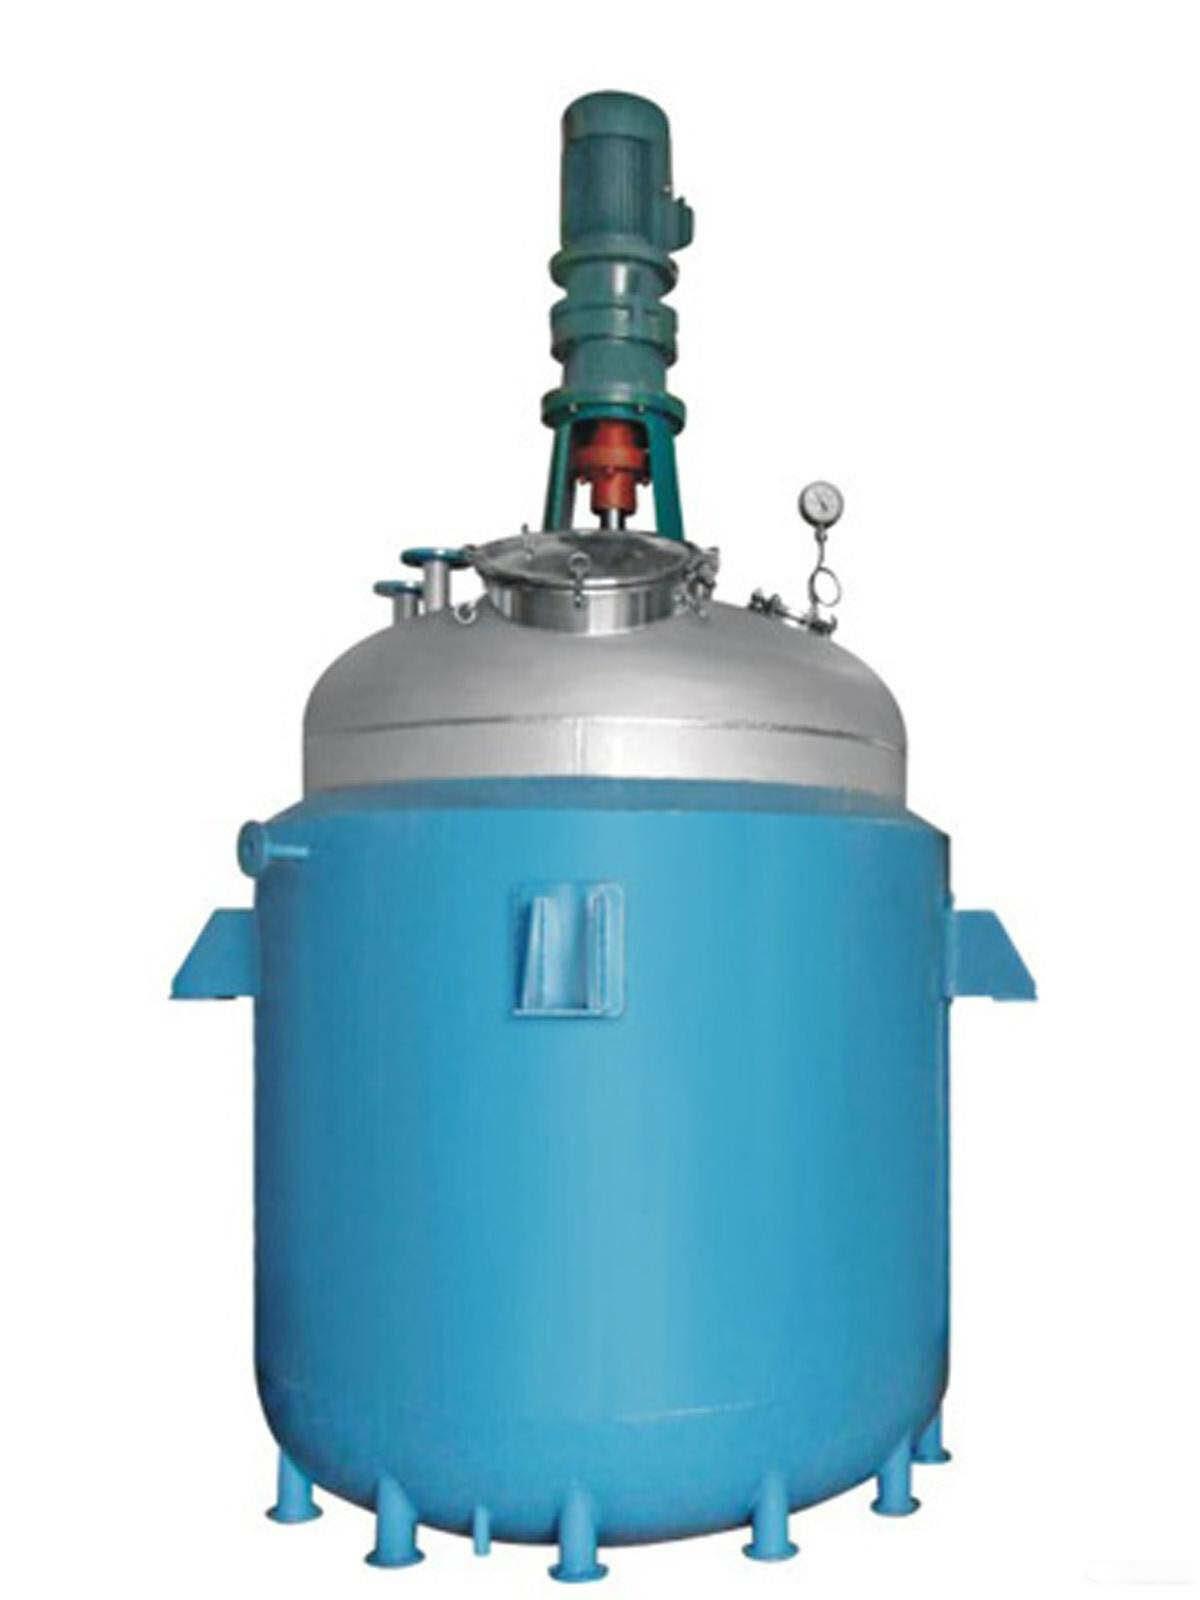 定期清洗不锈钢反应釜需要注意哪些问题?